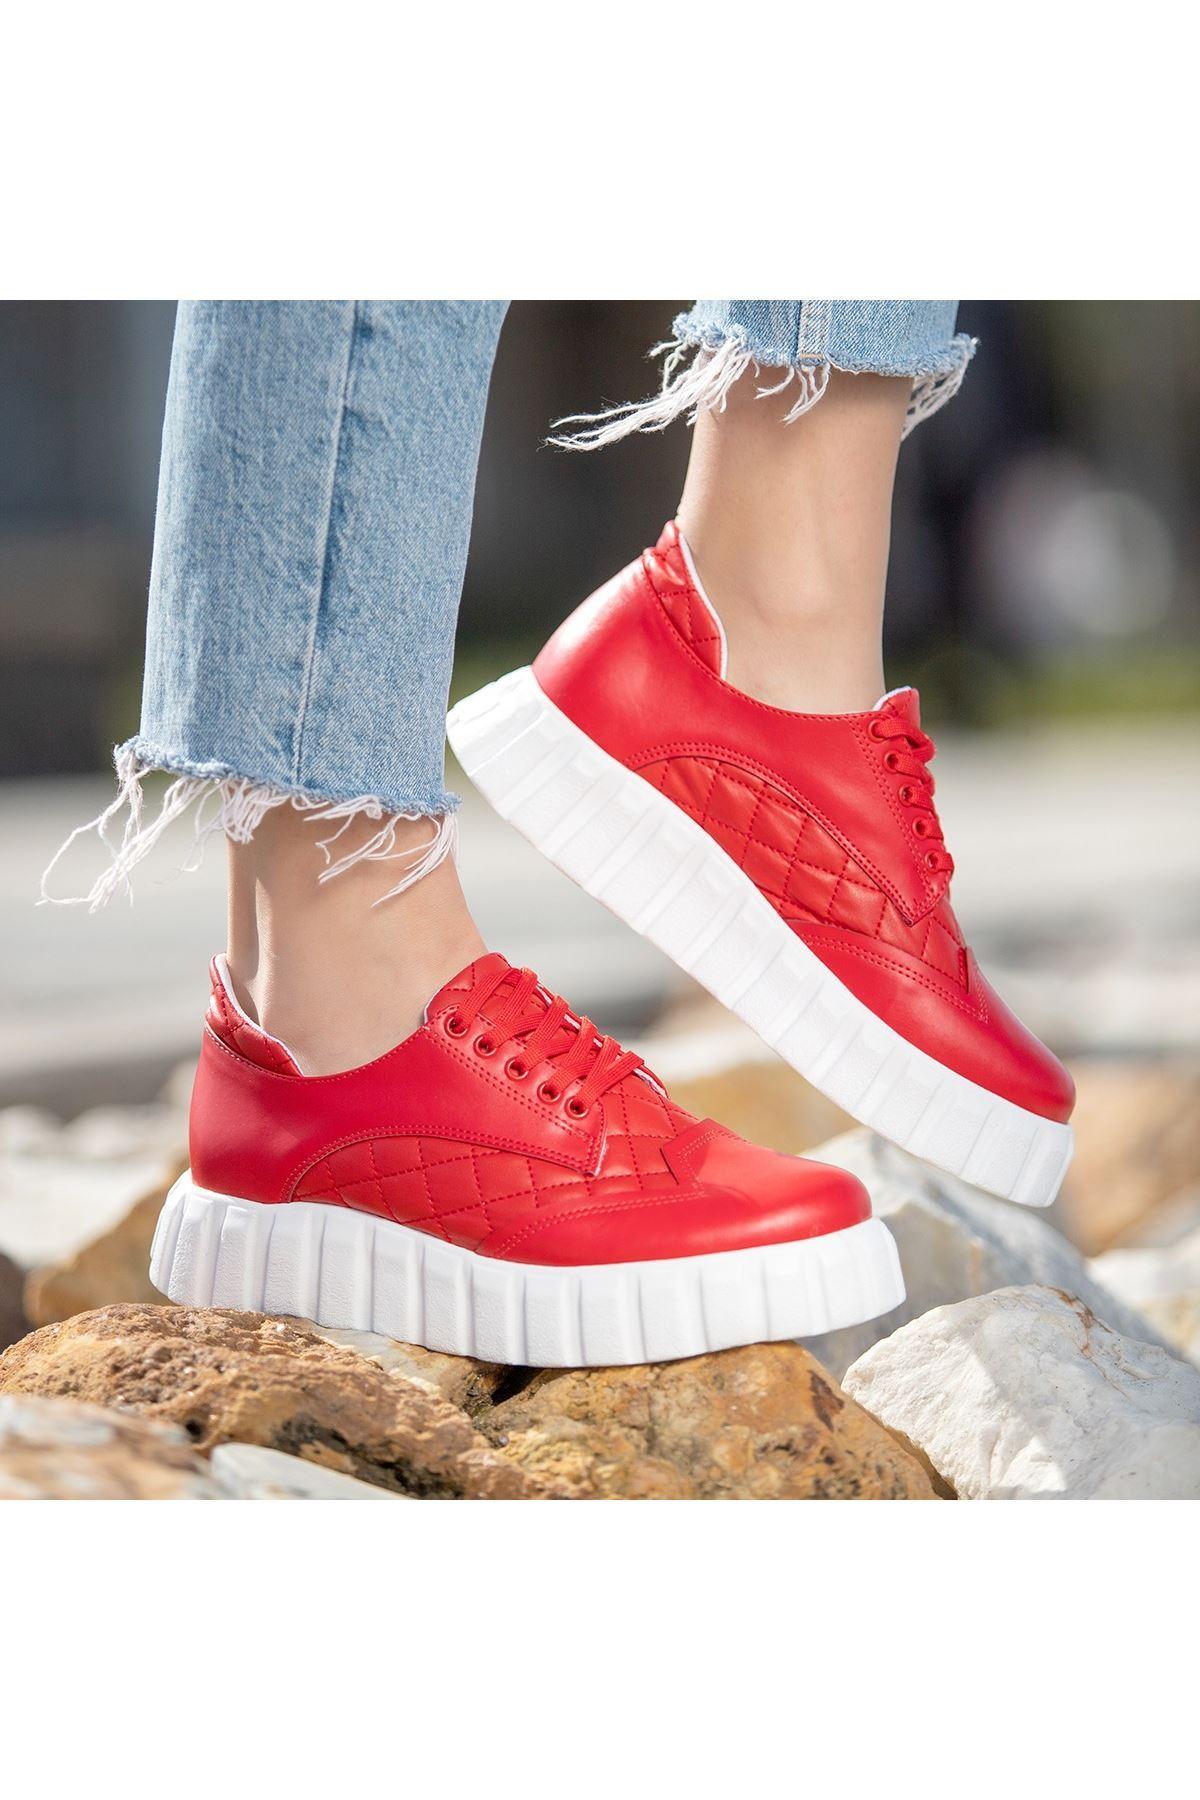 Ola Kırmızı Cilt Bağcıklı Spor Ayakkabı